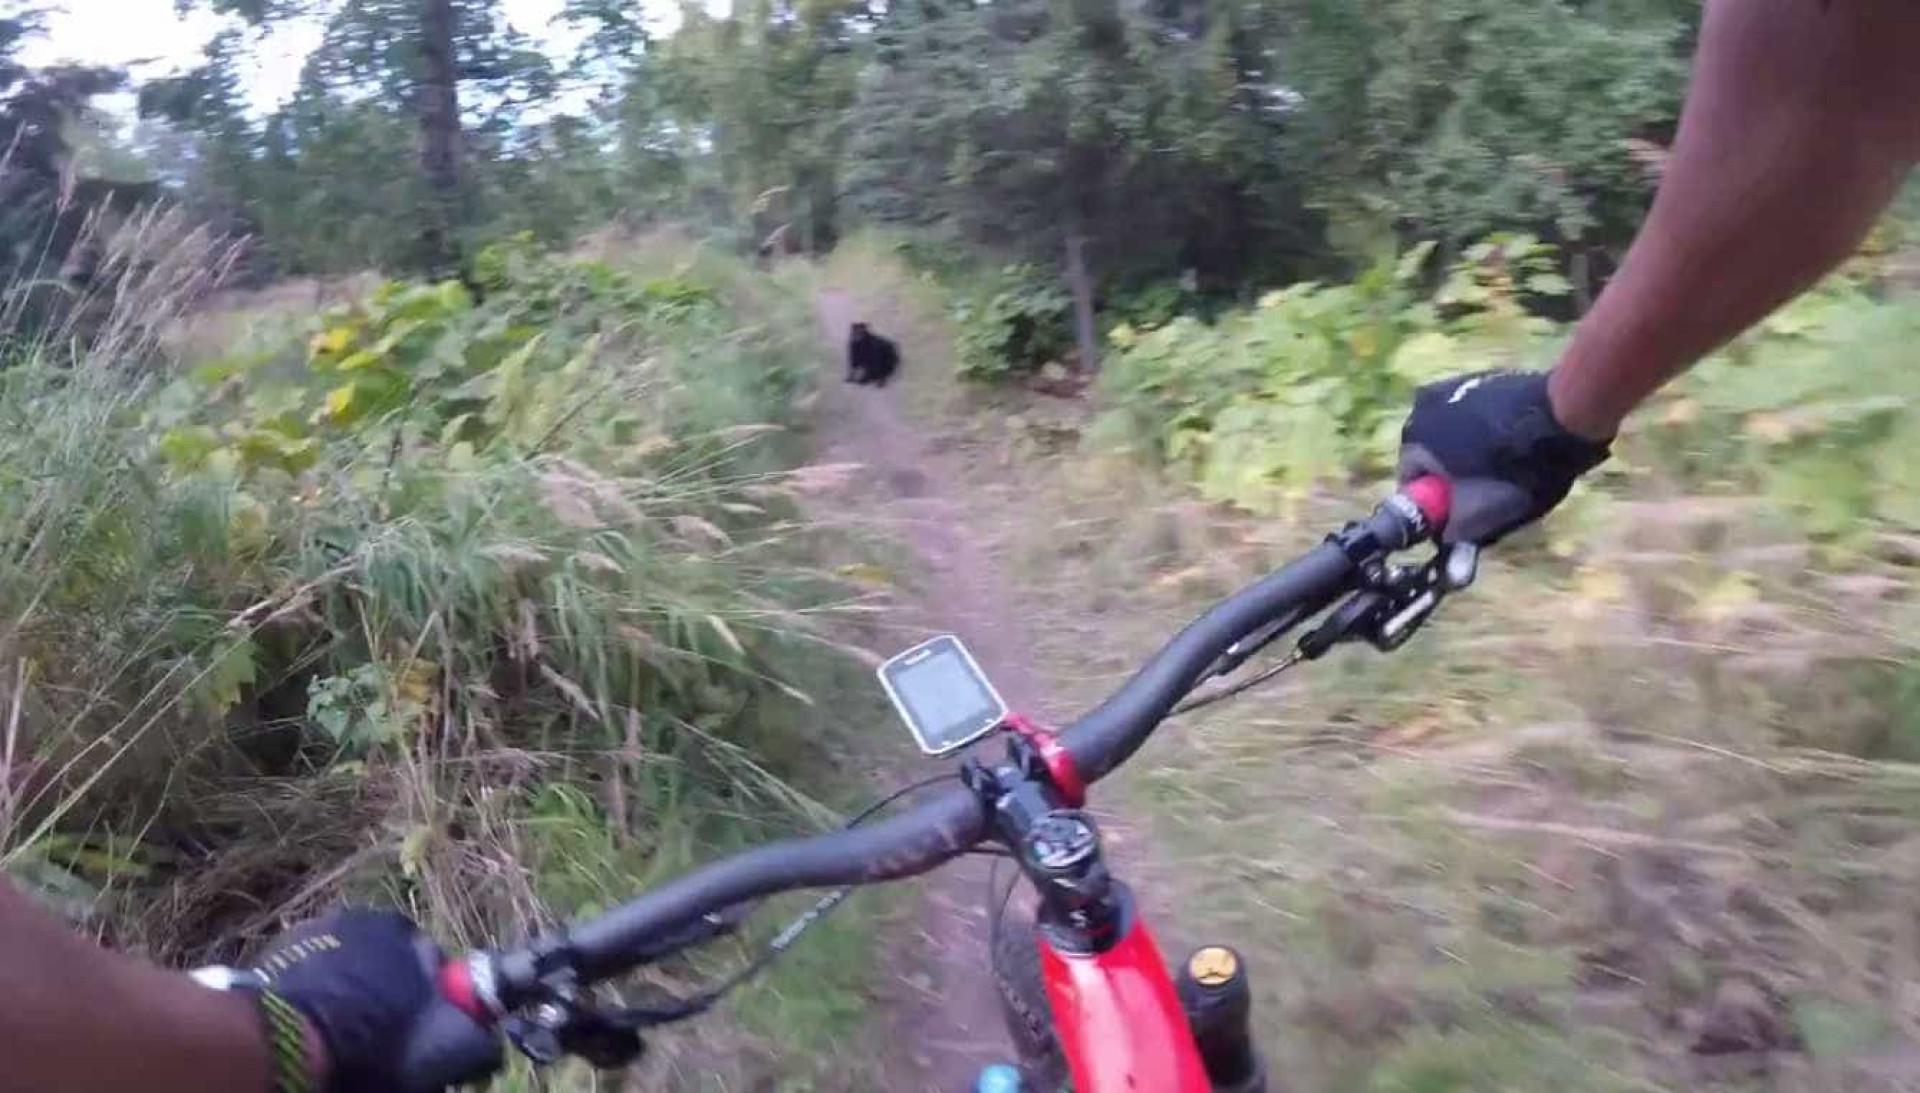 Ciclista apanha susto da sua vida ao dar de caras com urso